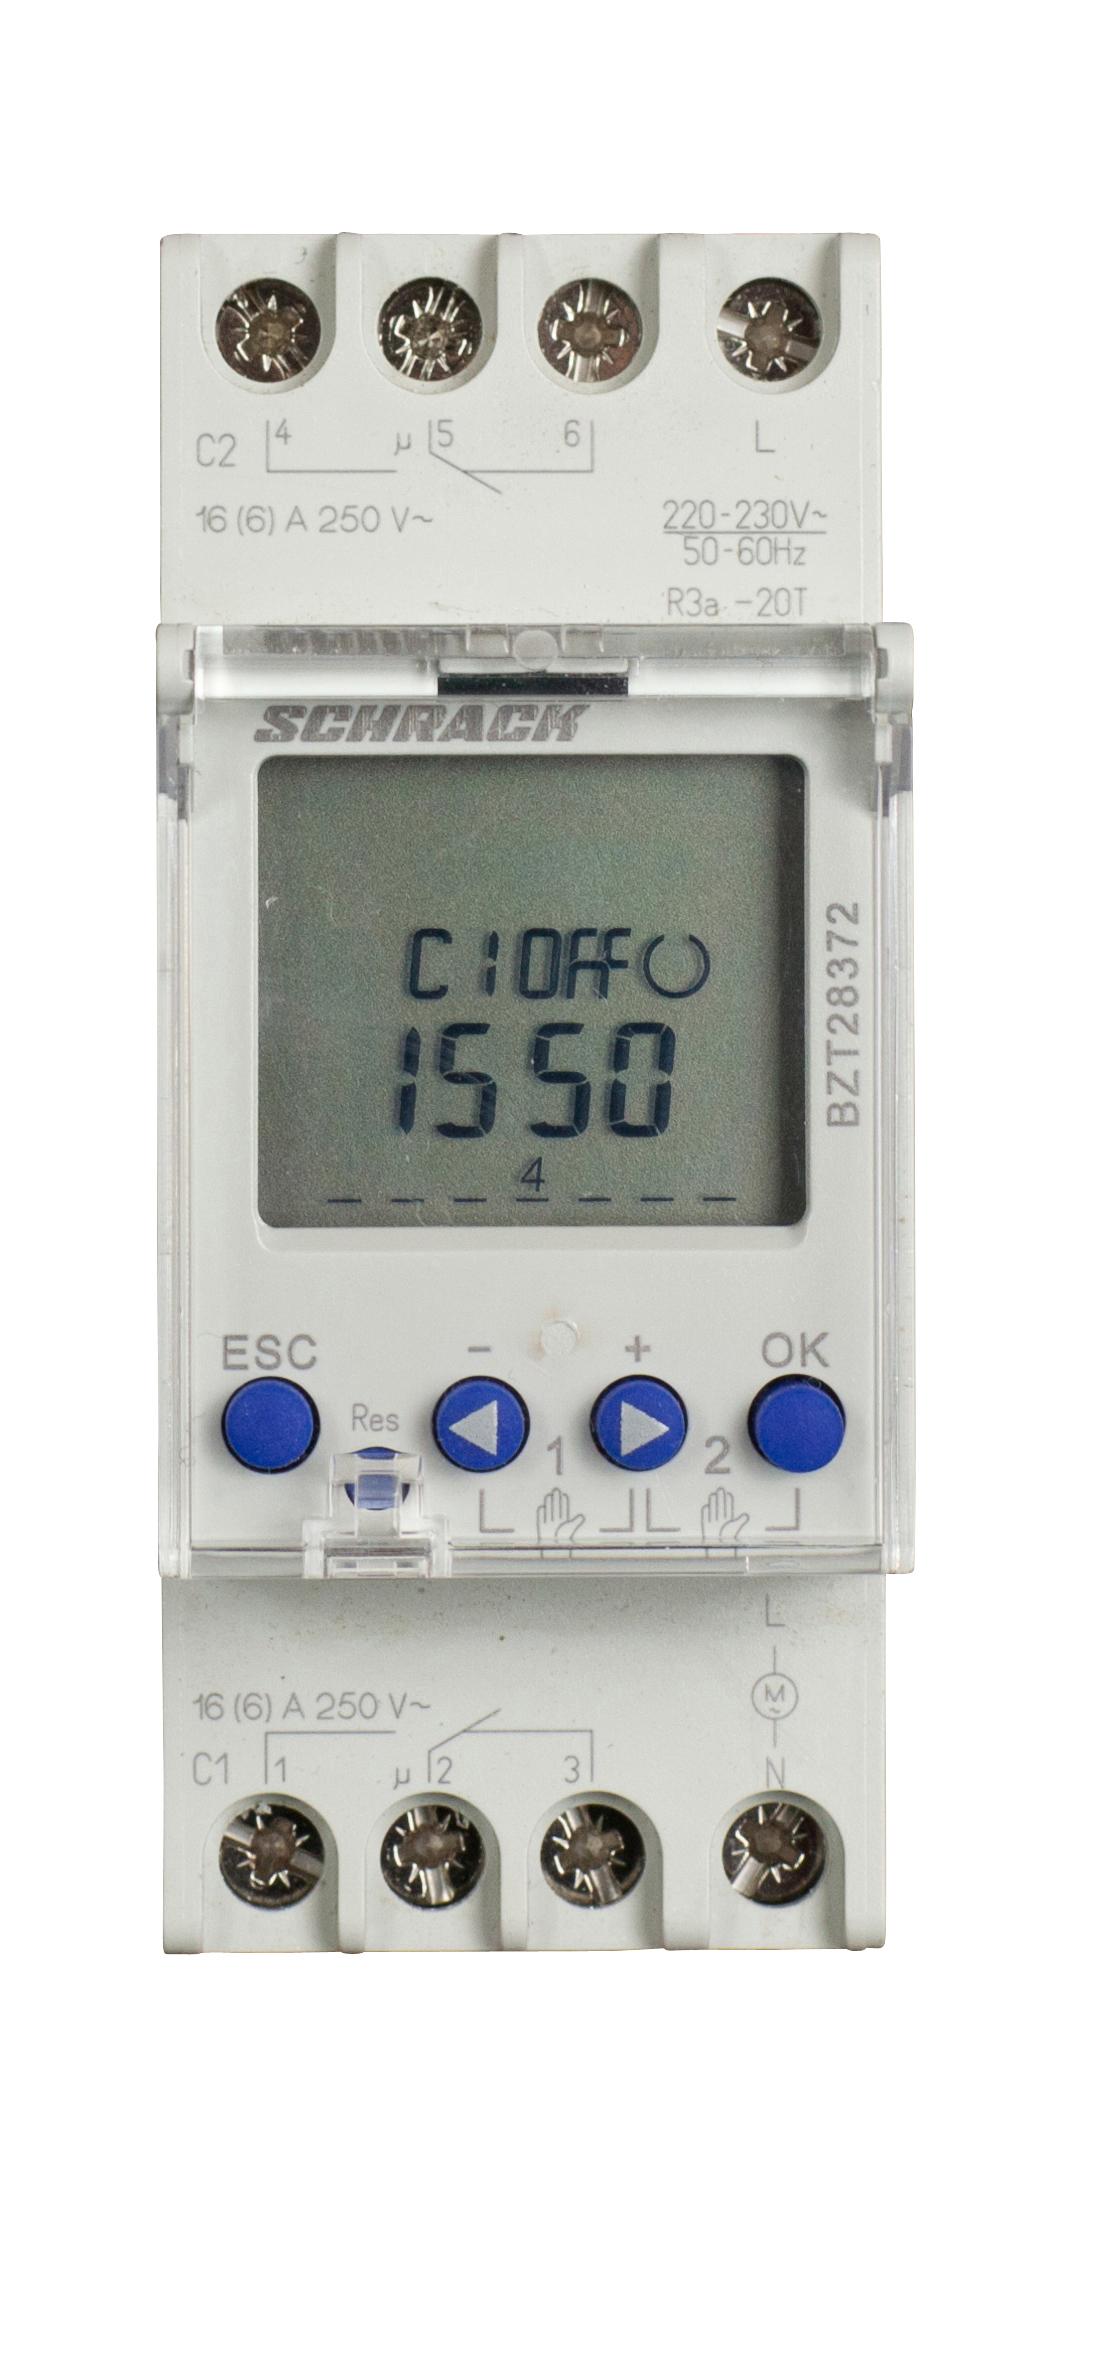 Ceasuri programabile, comutatoare crepusculare13743